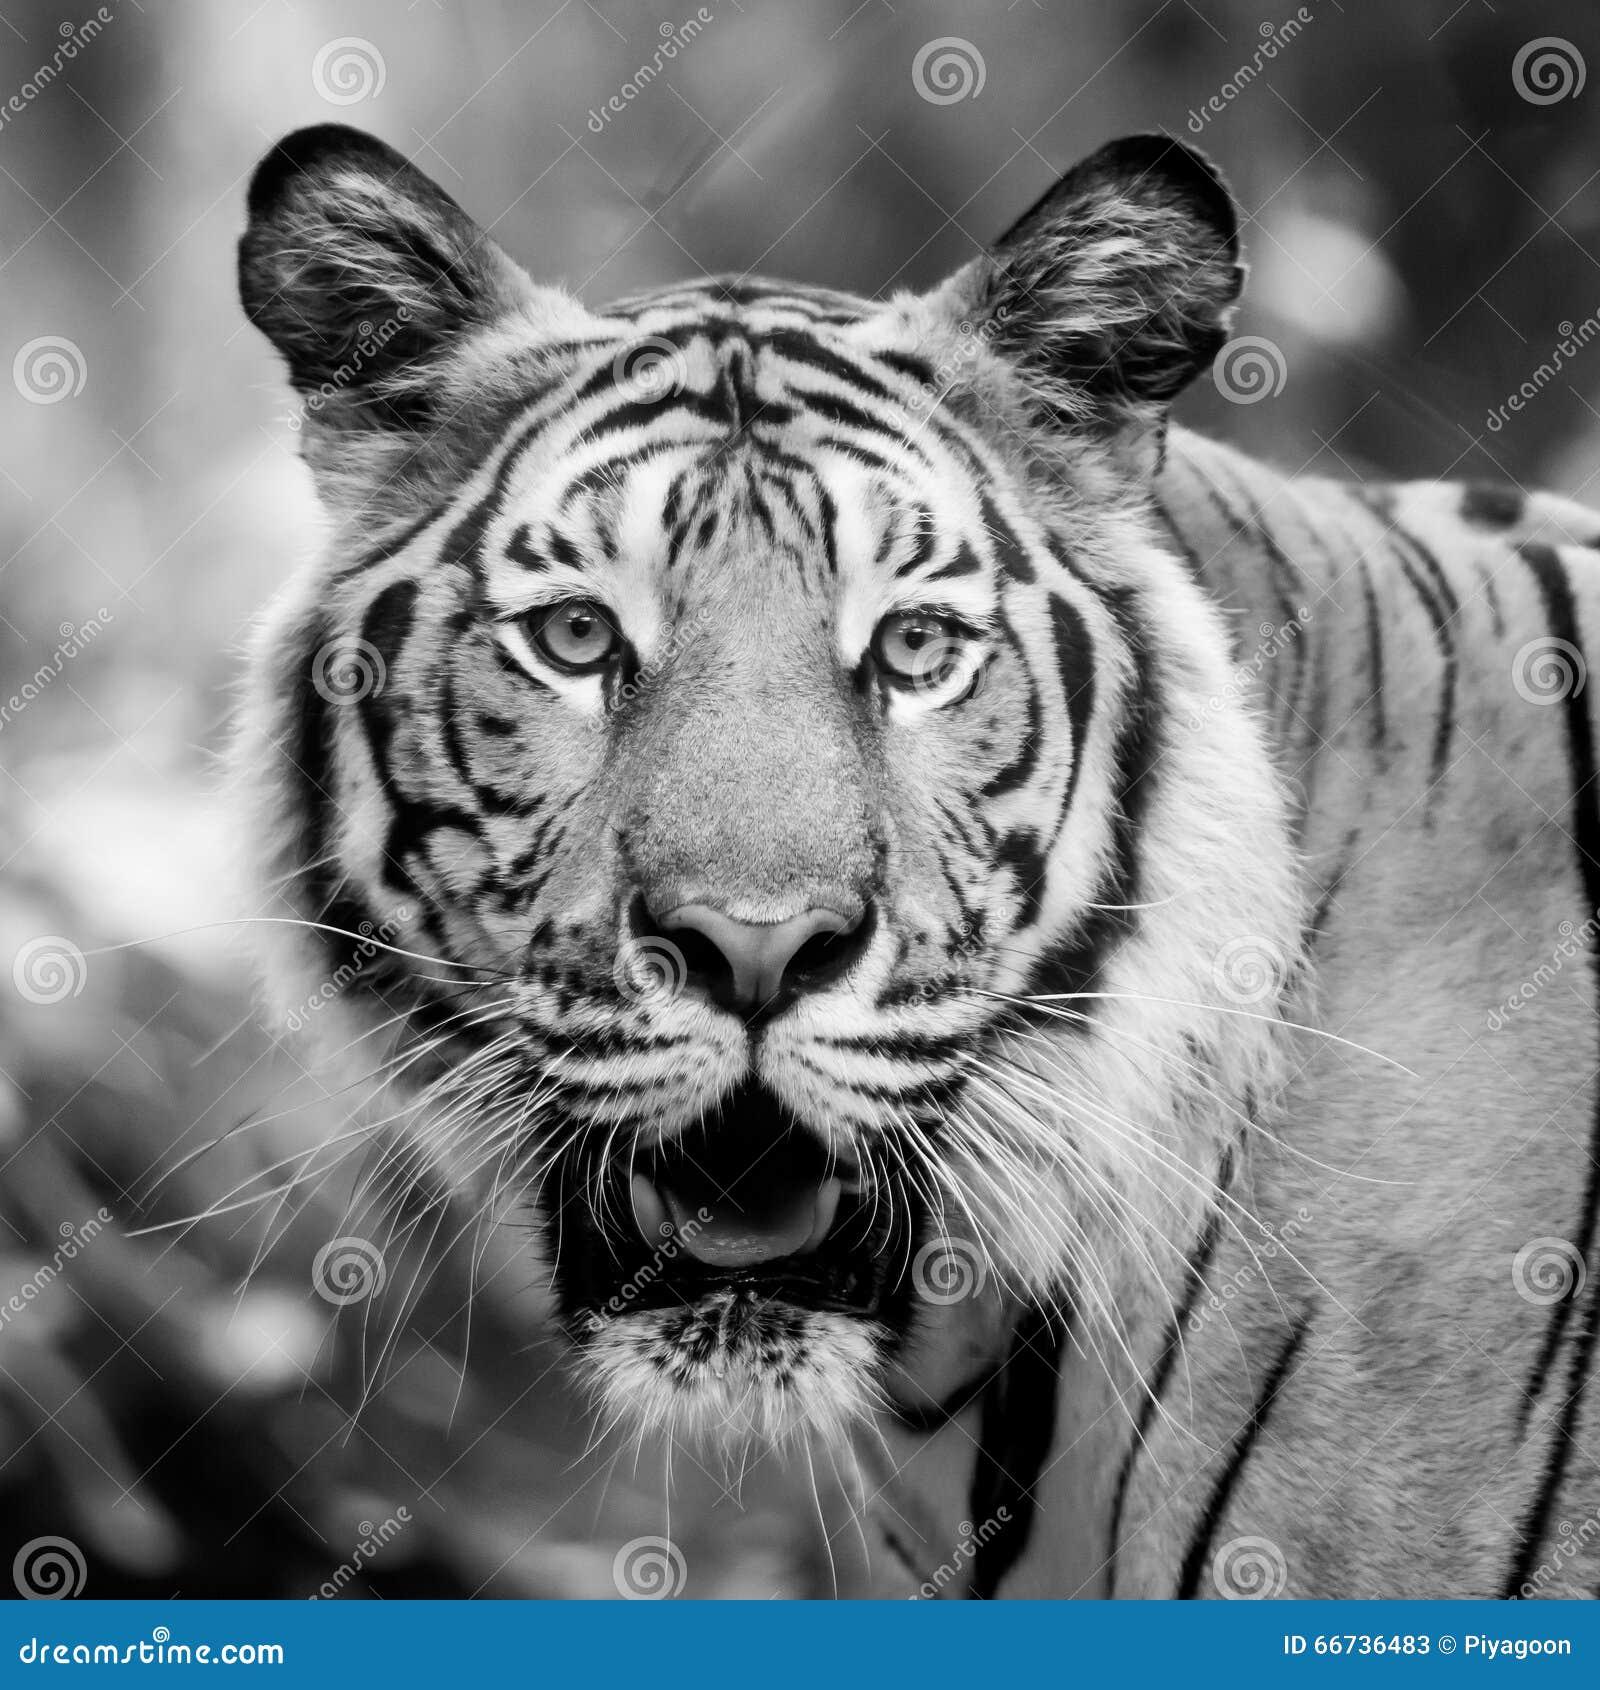 schwarzweiss tiger stockbild bild von sch tzchen asien 66736483. Black Bedroom Furniture Sets. Home Design Ideas